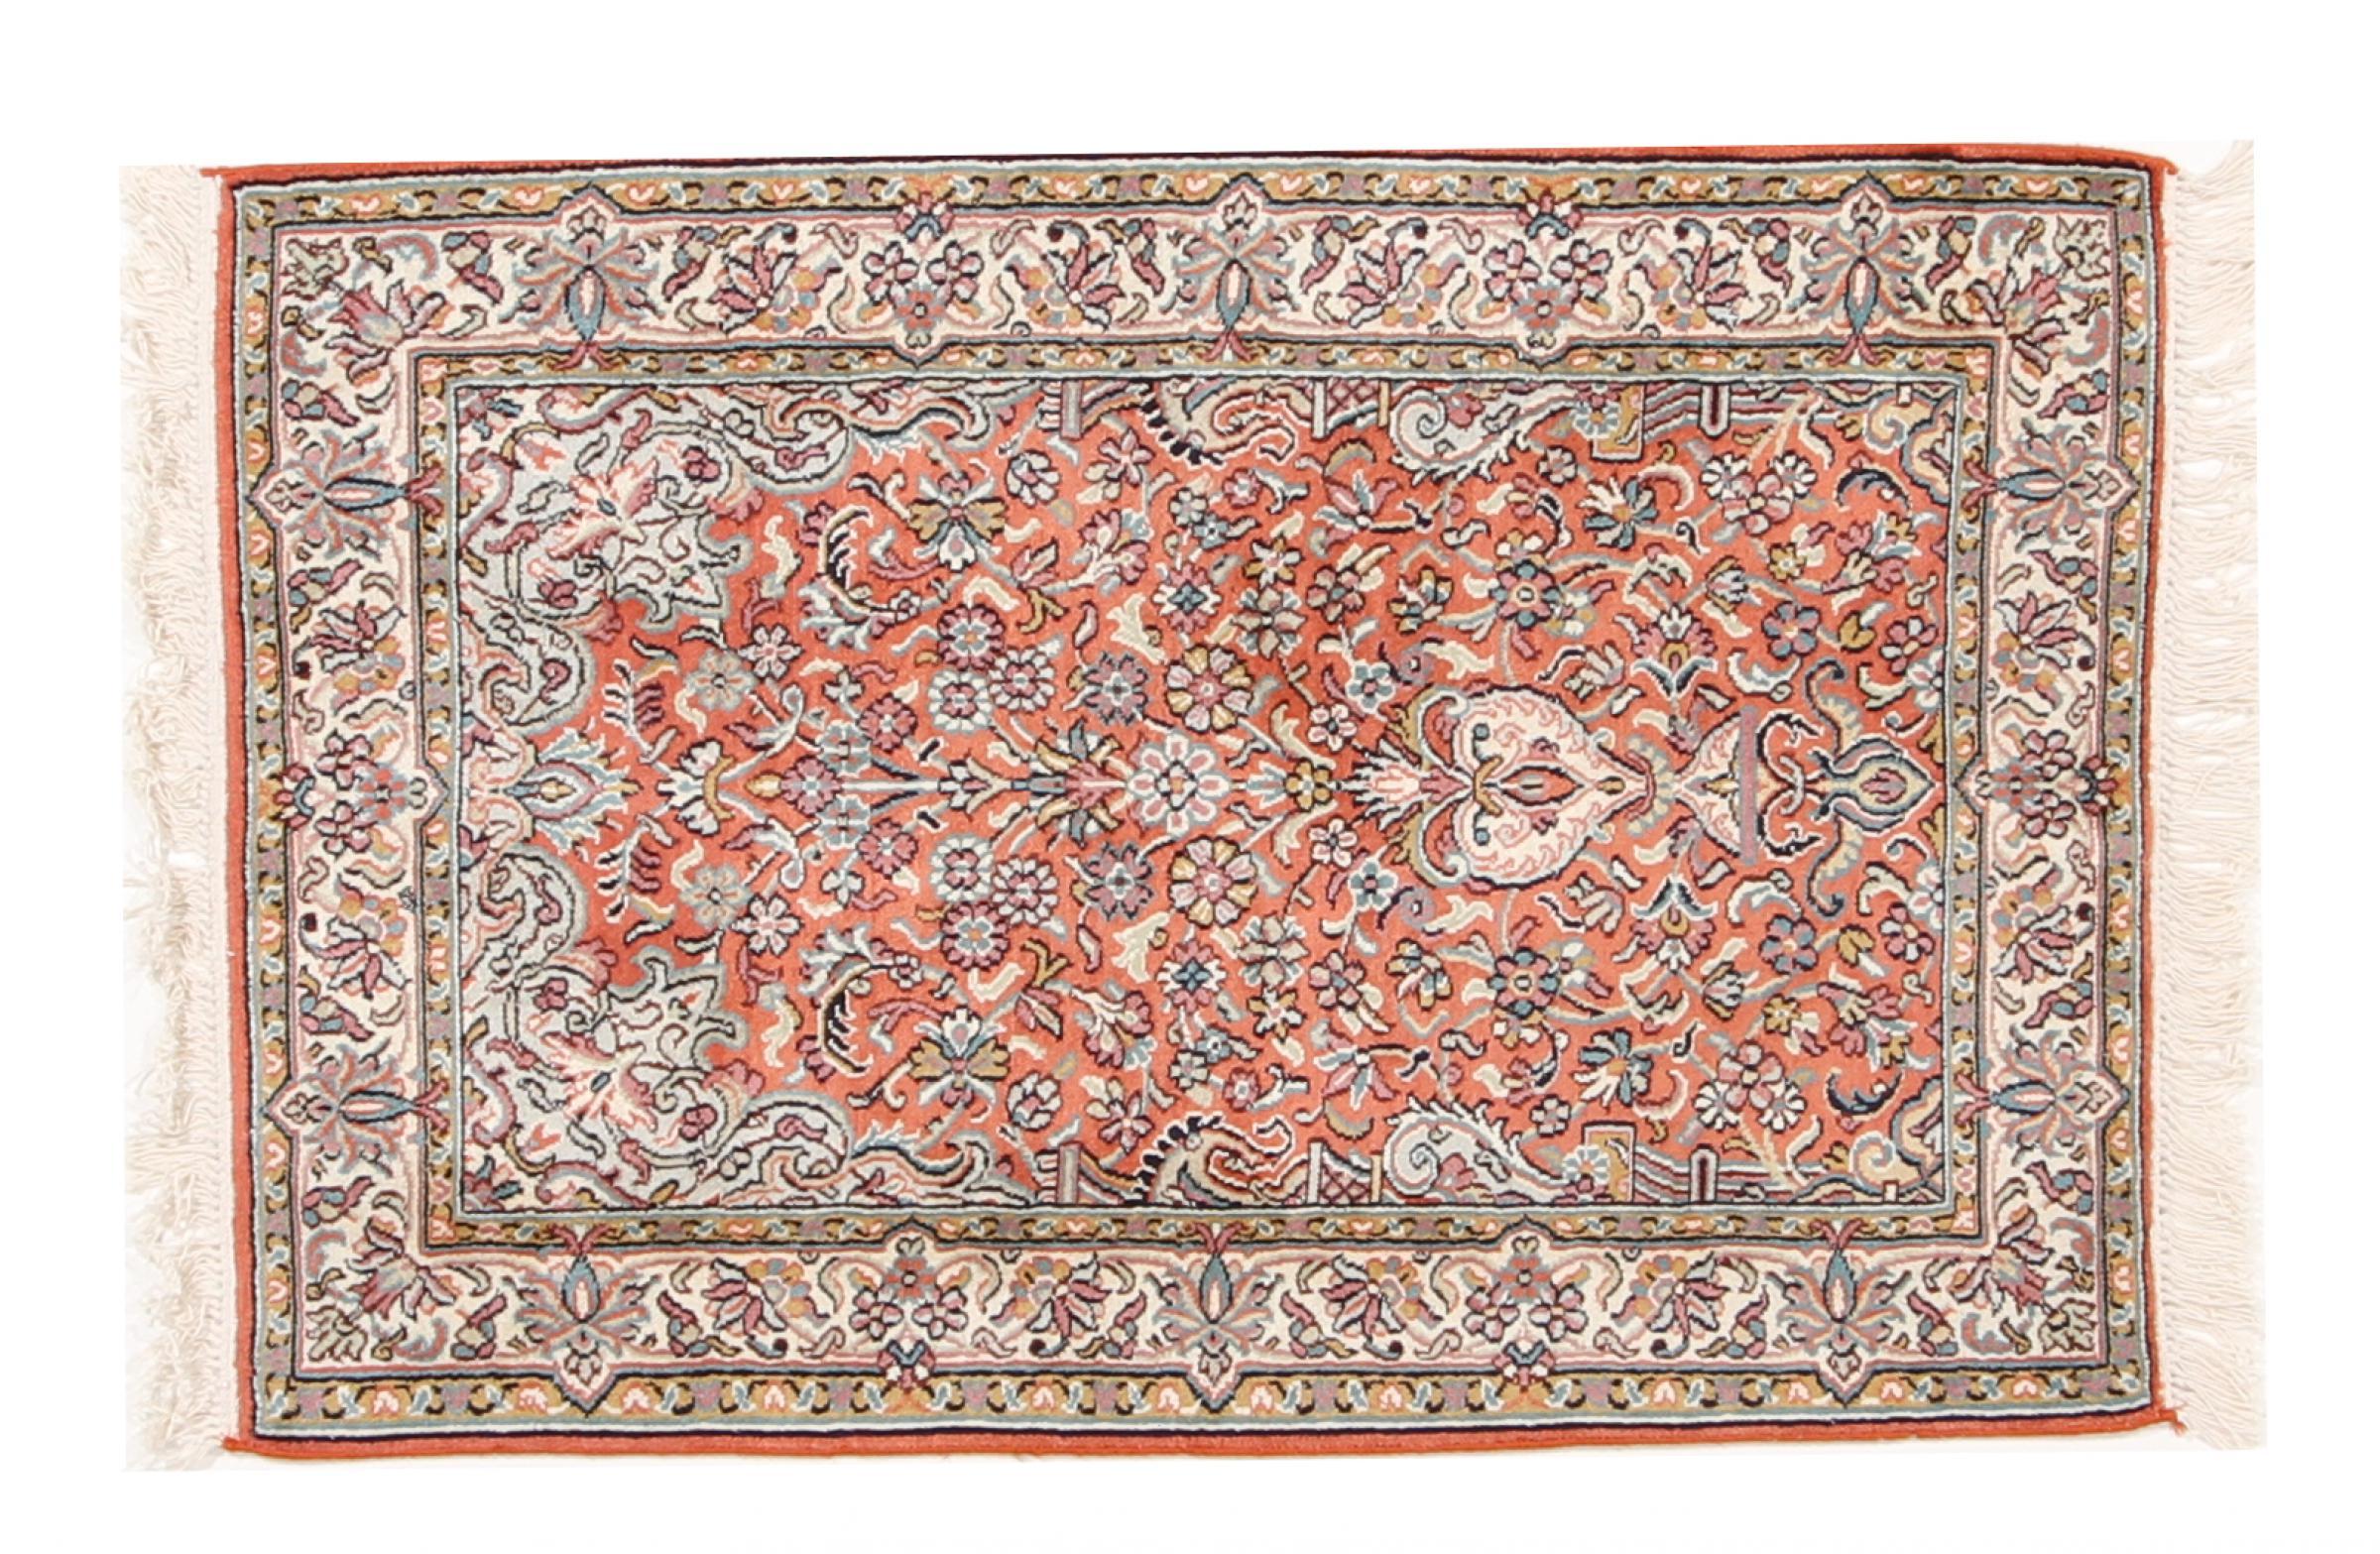 kaschmir reine seide indischer teppich 94x65 id37055 kaufen sie ihren orientteppich k 90x60. Black Bedroom Furniture Sets. Home Design Ideas